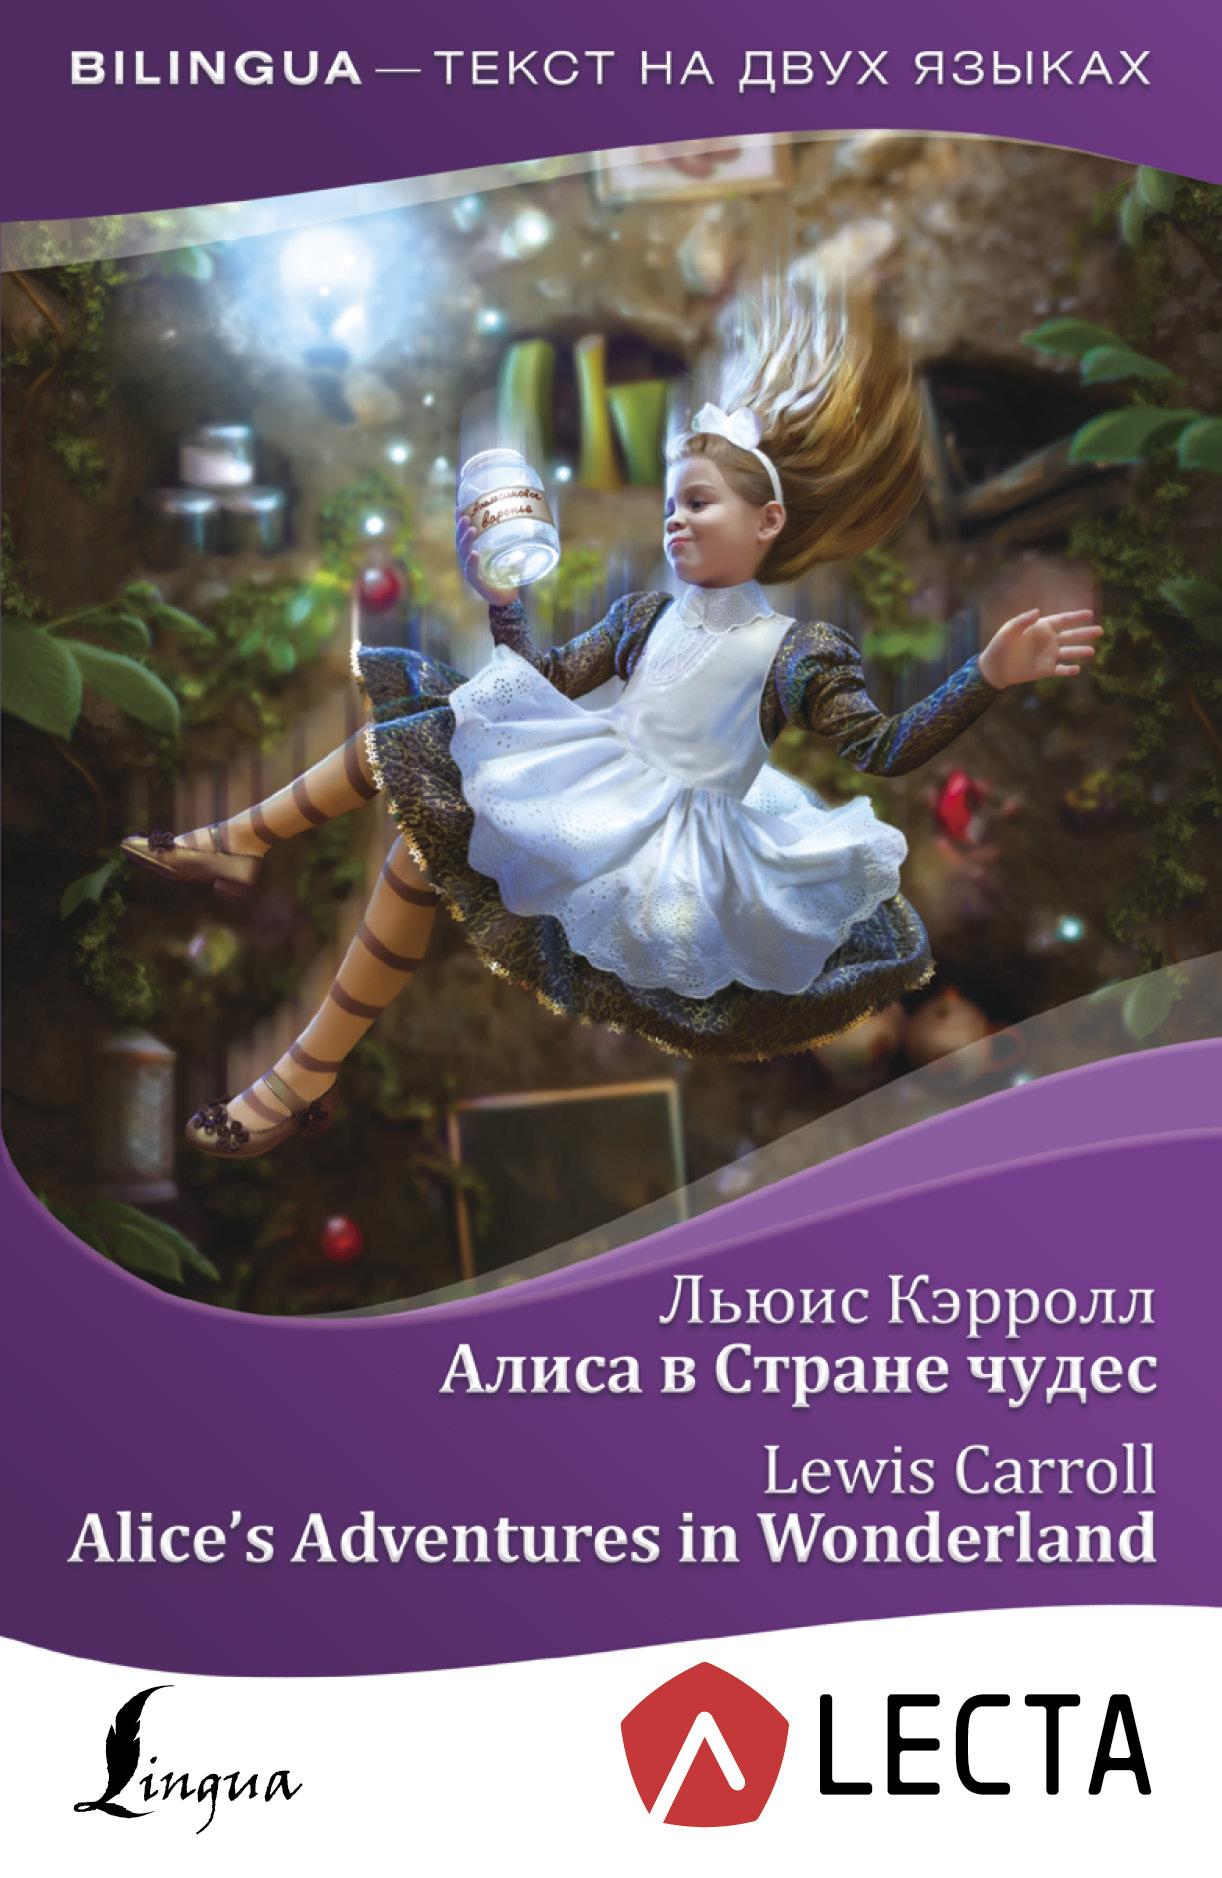 Льюис Кэрролл Алиса в Стране чудес / Alice's Adventures in Wonderland (+ аудиоприложение LECTA) льюис кэрролл алиса в стране чудес alice's adventures in wonderland аудиоприложение lecta